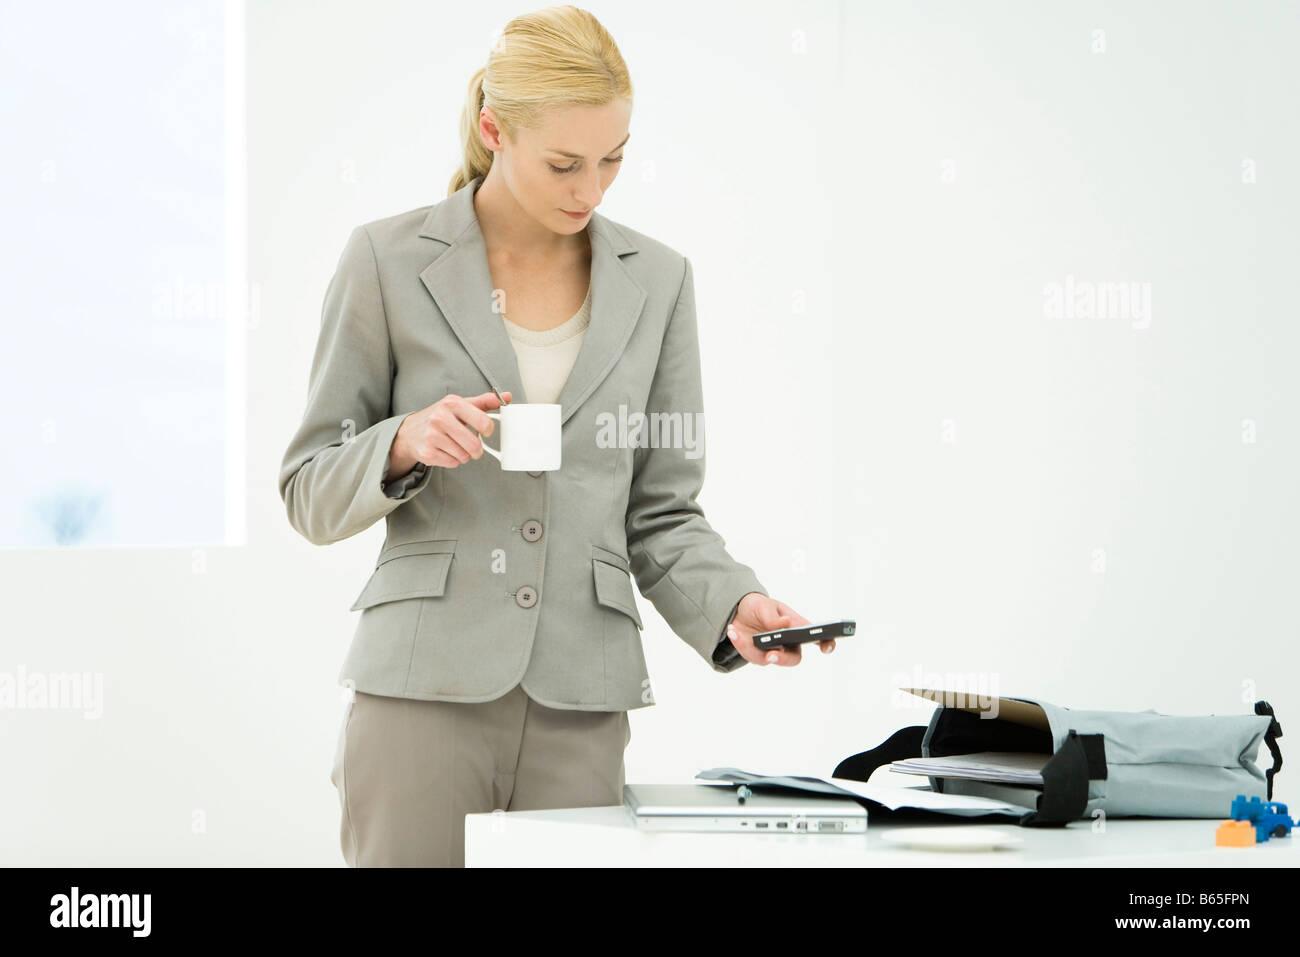 Berufstätige Frau mit Kaffeetasse, blickte, SMS-Nachrichten Stockbild